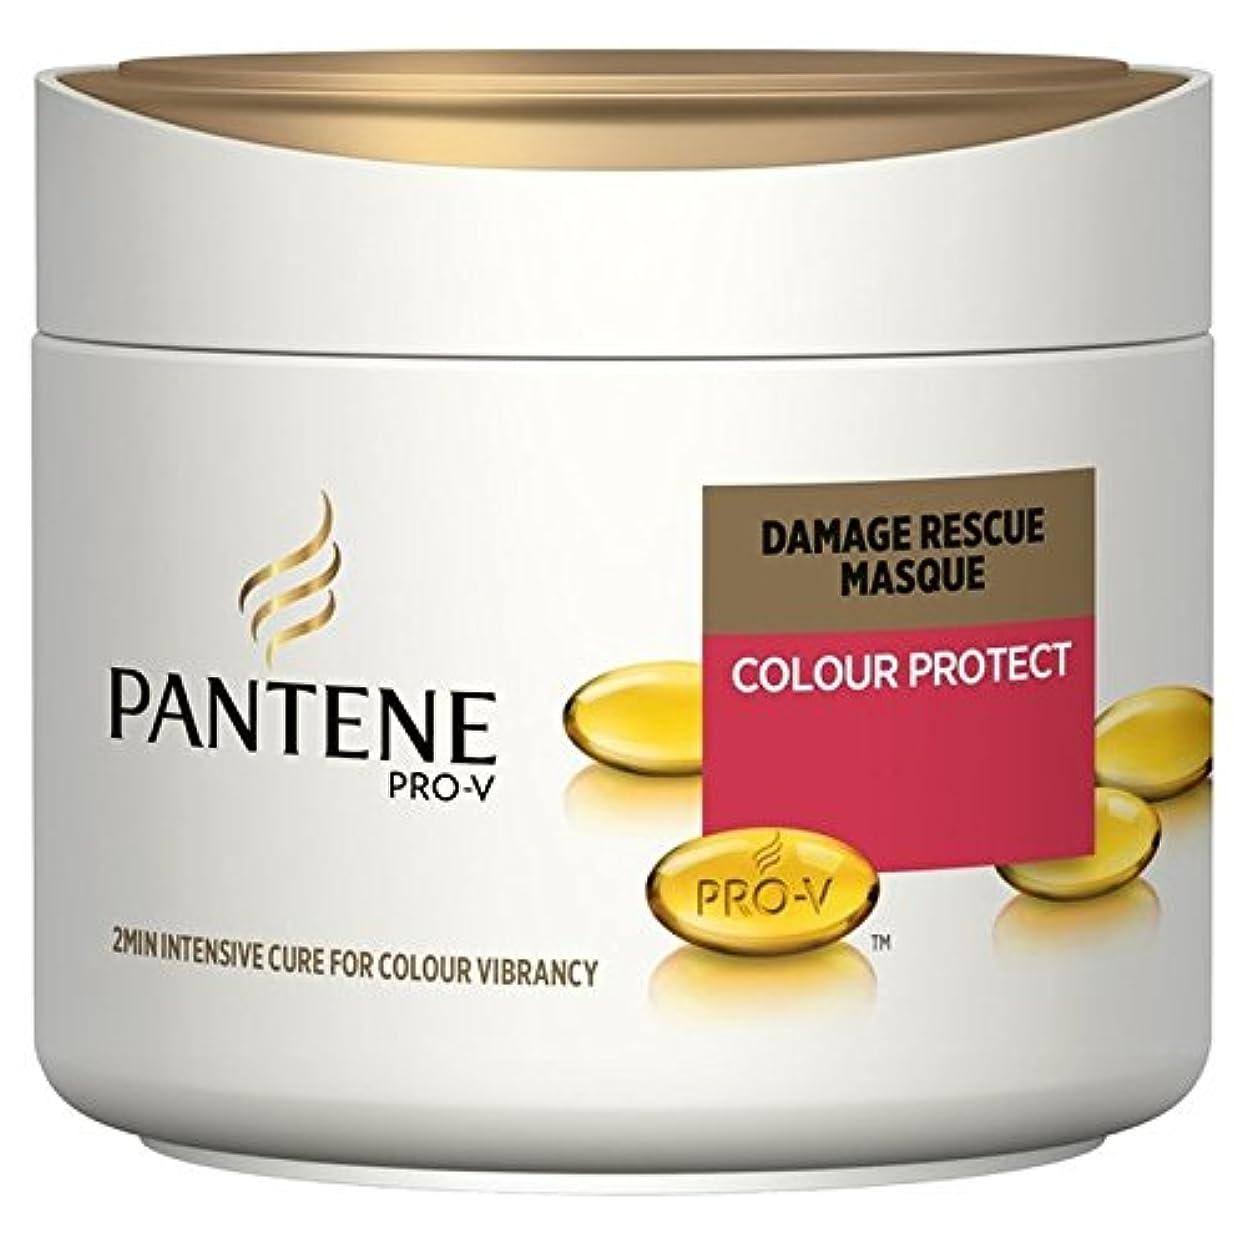 既婚奴隷道路Pantene 2min Colour Protect Damage Rescue Masque 300ml (Pack of 6) - パンテーンの2分の色が損傷レスキュー仮面の300ミリリットルを保護します x6 [並行輸入品]